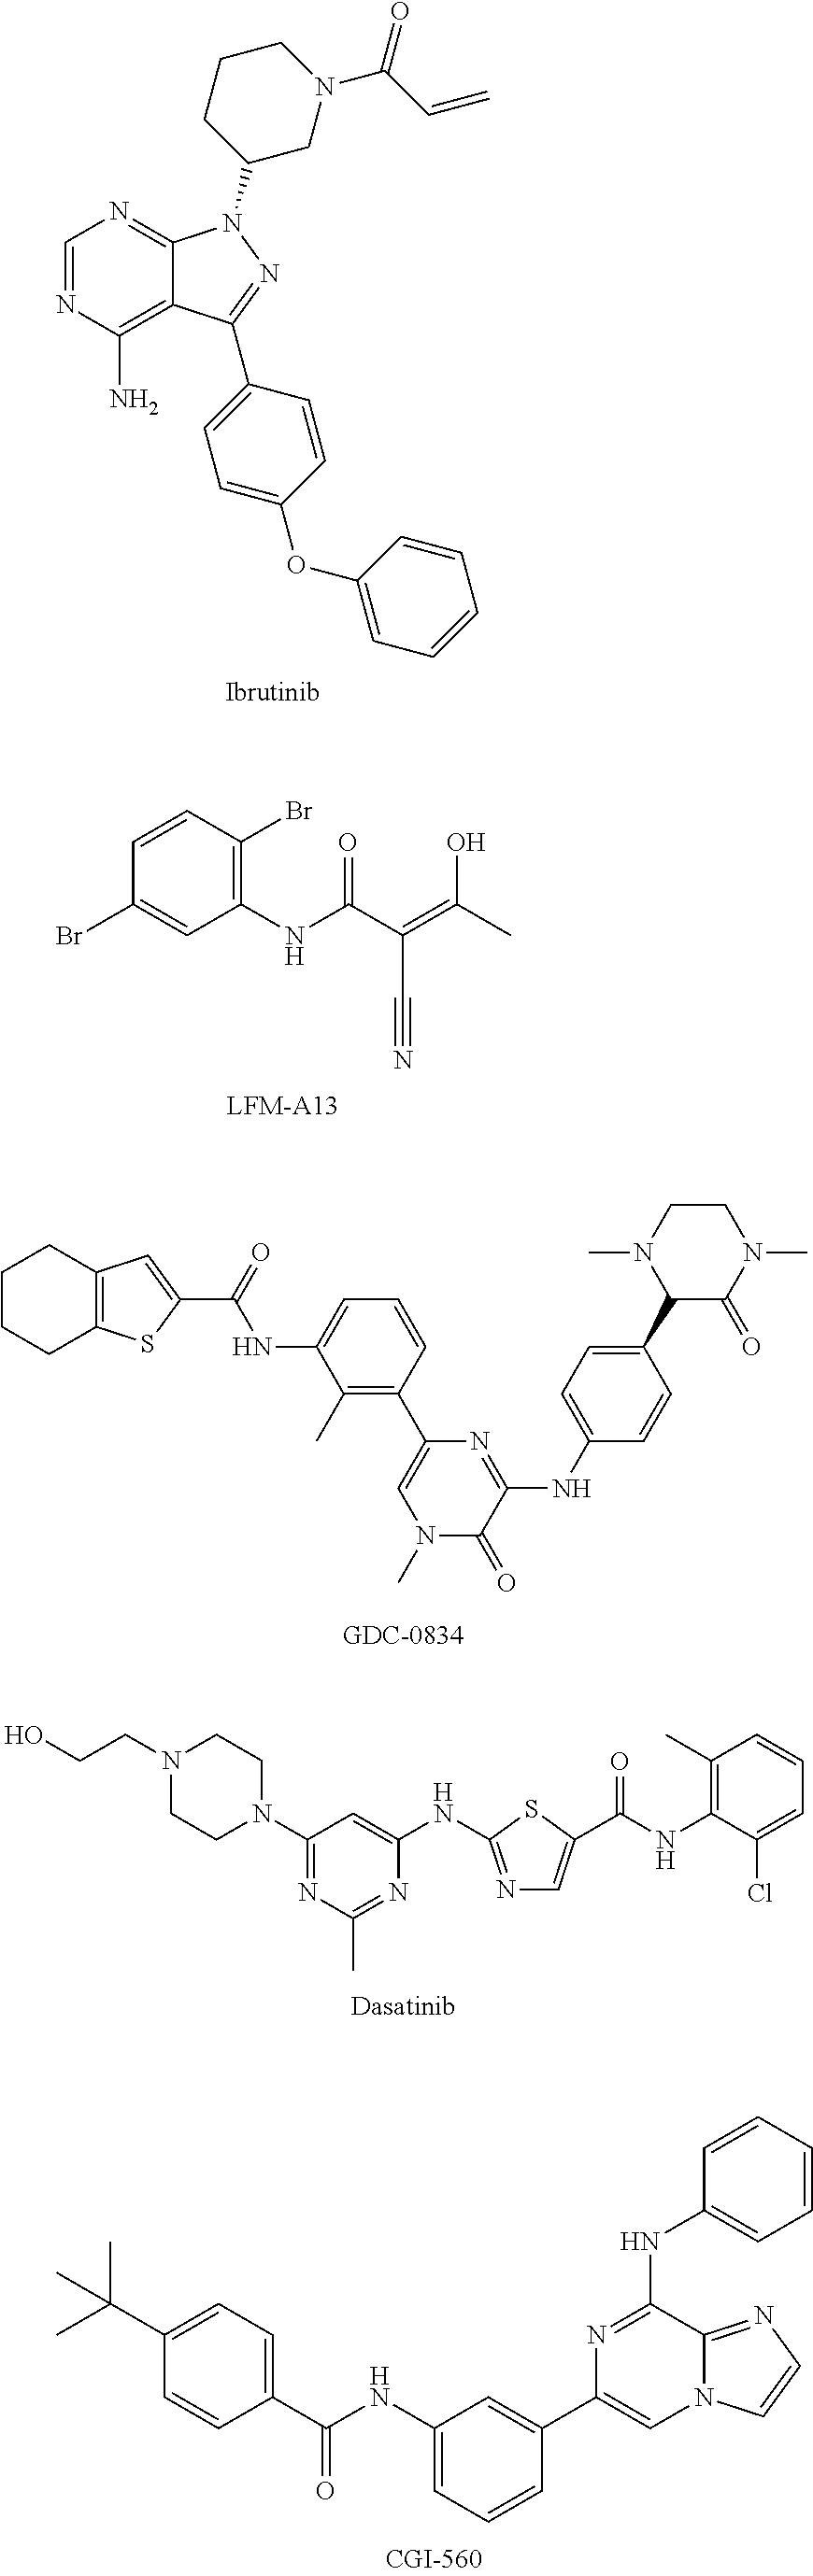 Figure US09408861-20160809-C00001